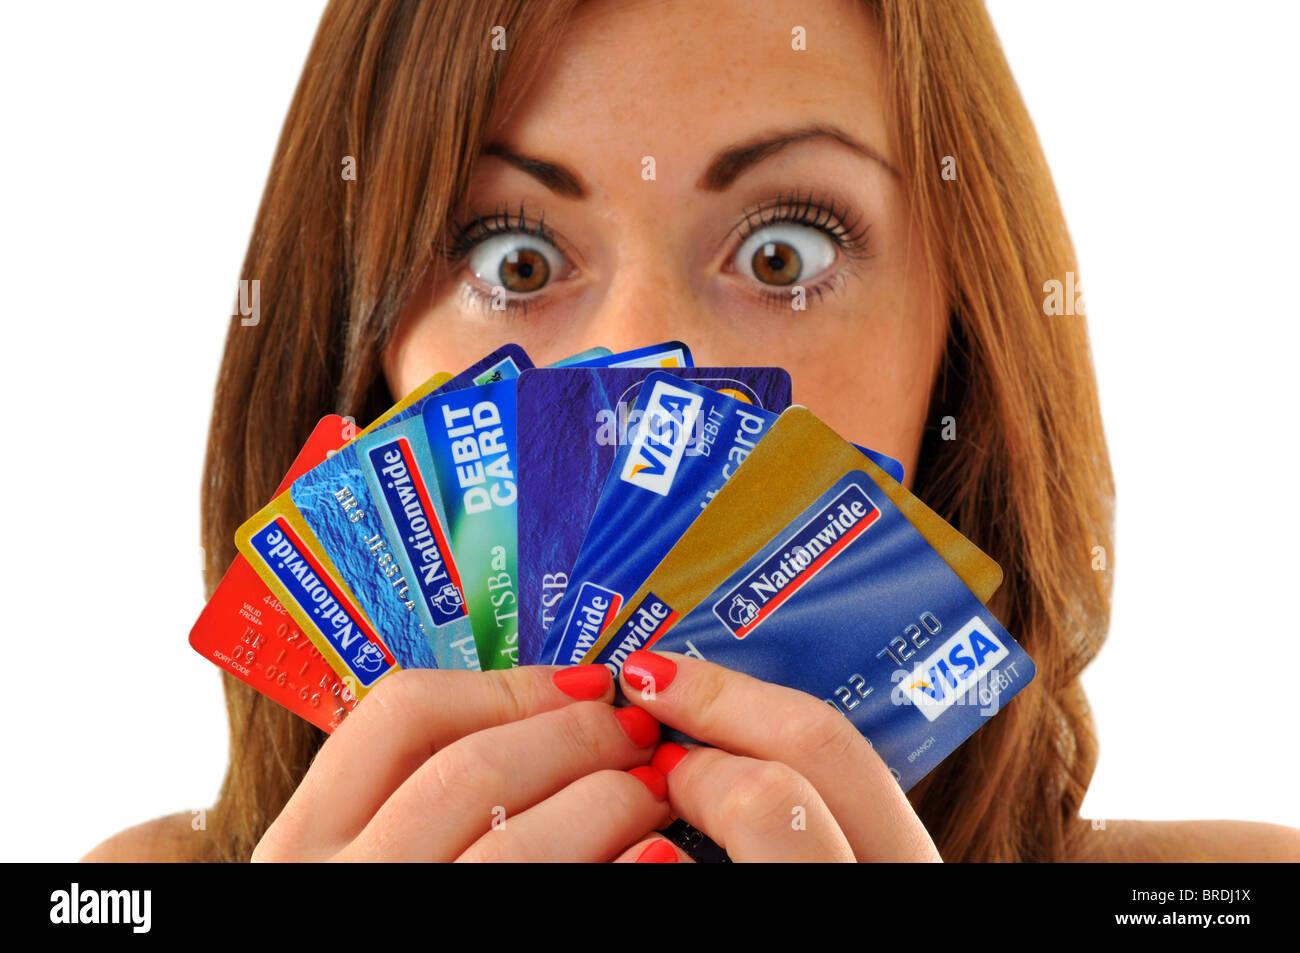 Les cartes de crédit, woman holding beaucoup de cartes de crédit et de débit Photo Stock